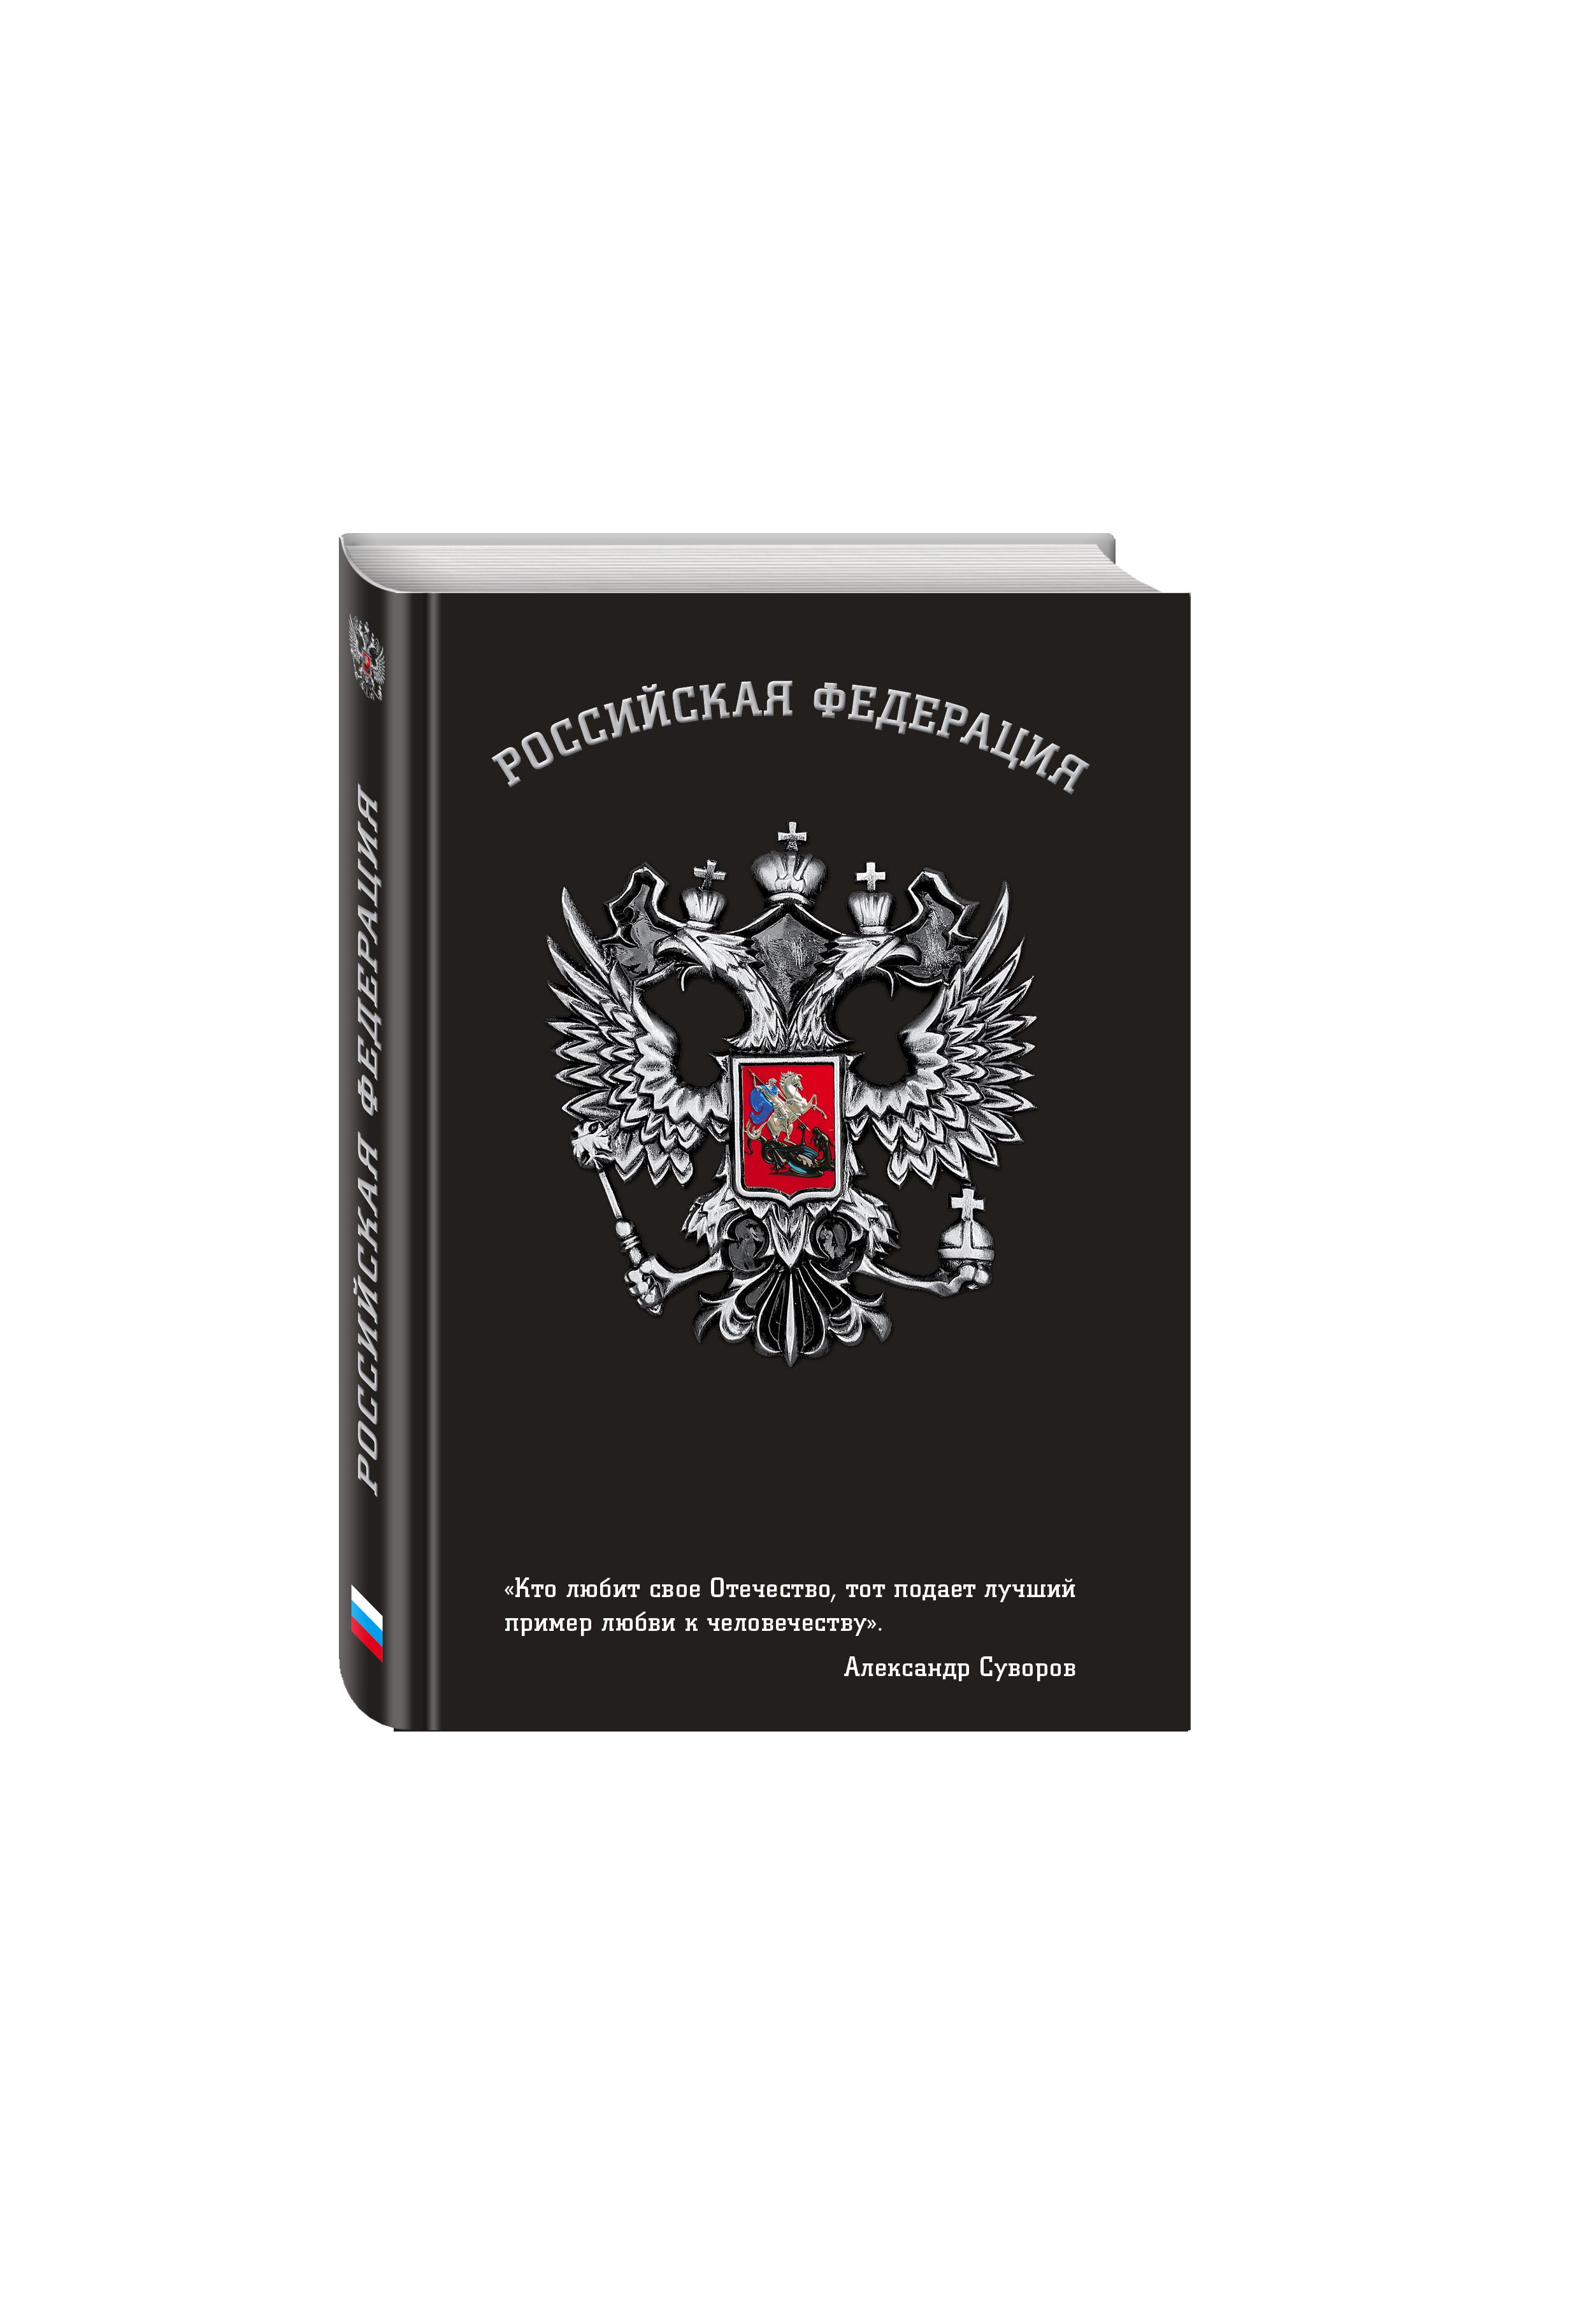 Блокнот Российской Федерации (Суворов) виктор суворов аквариум